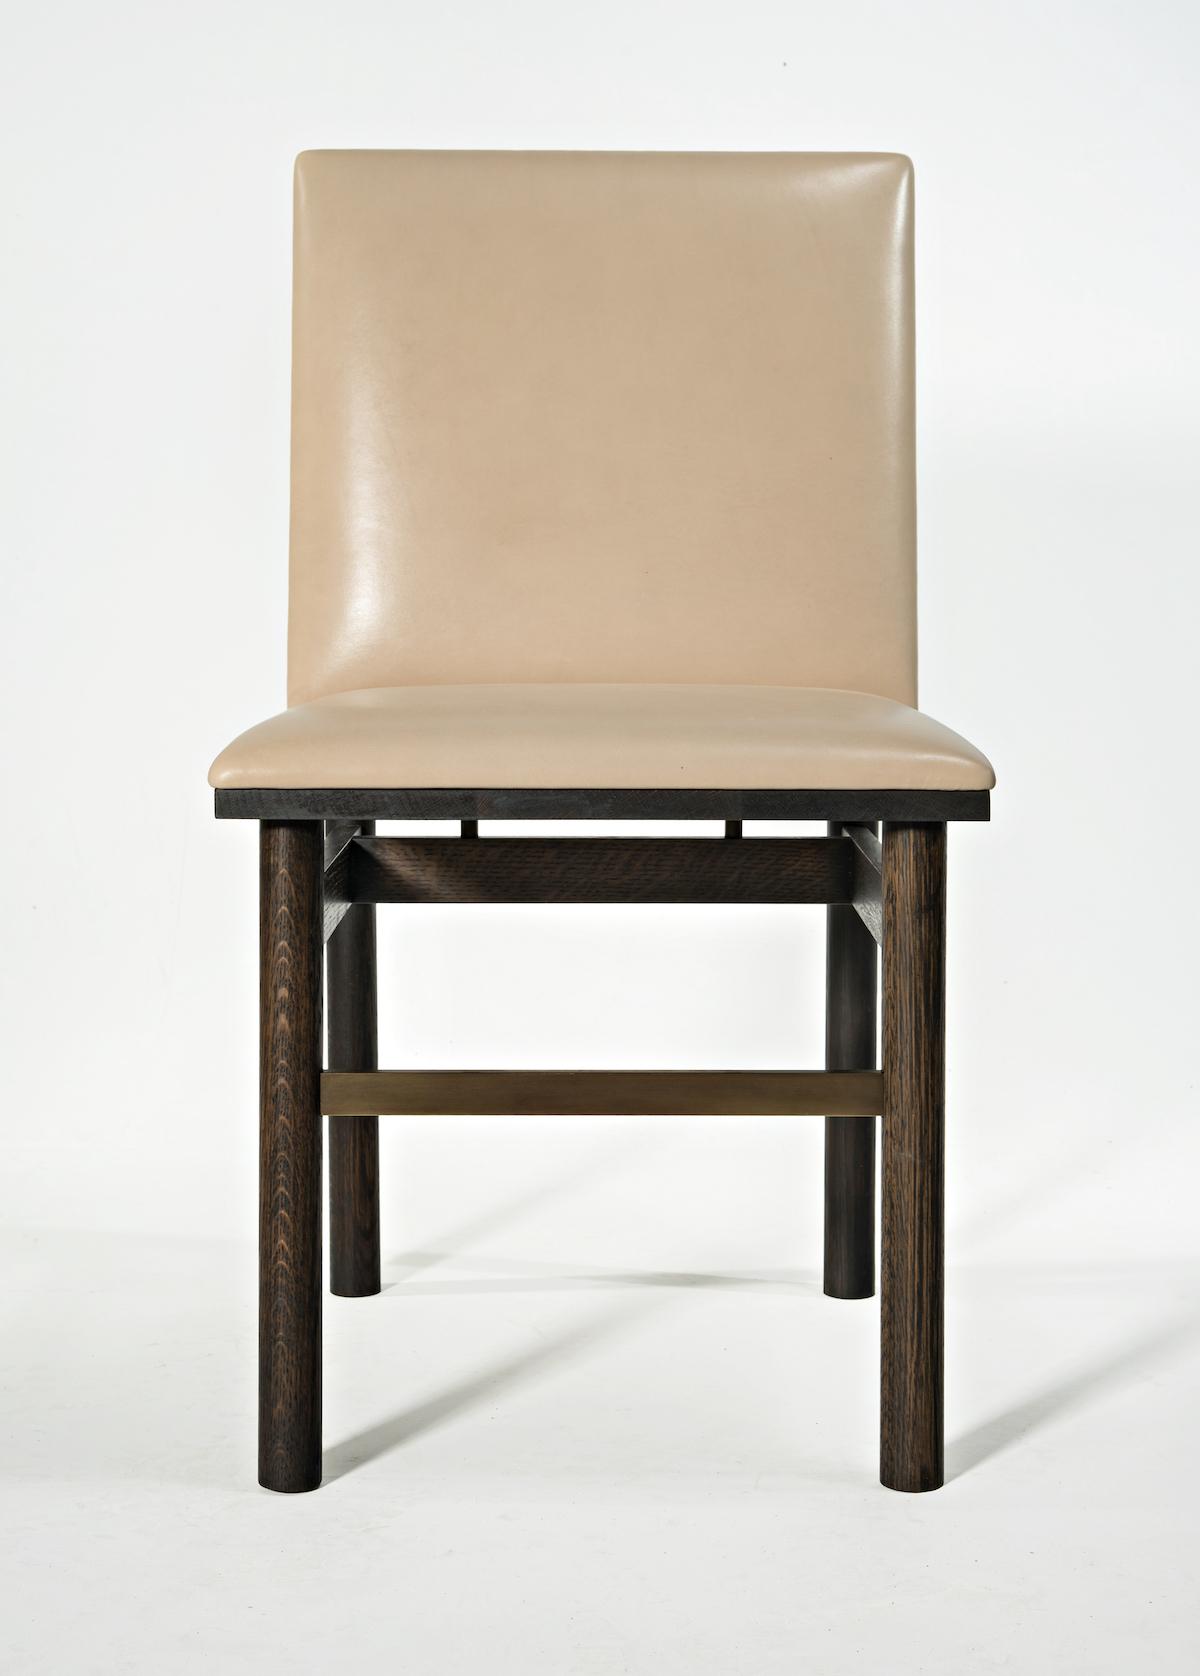 68th Street Chair by artist Christopher Kurtz